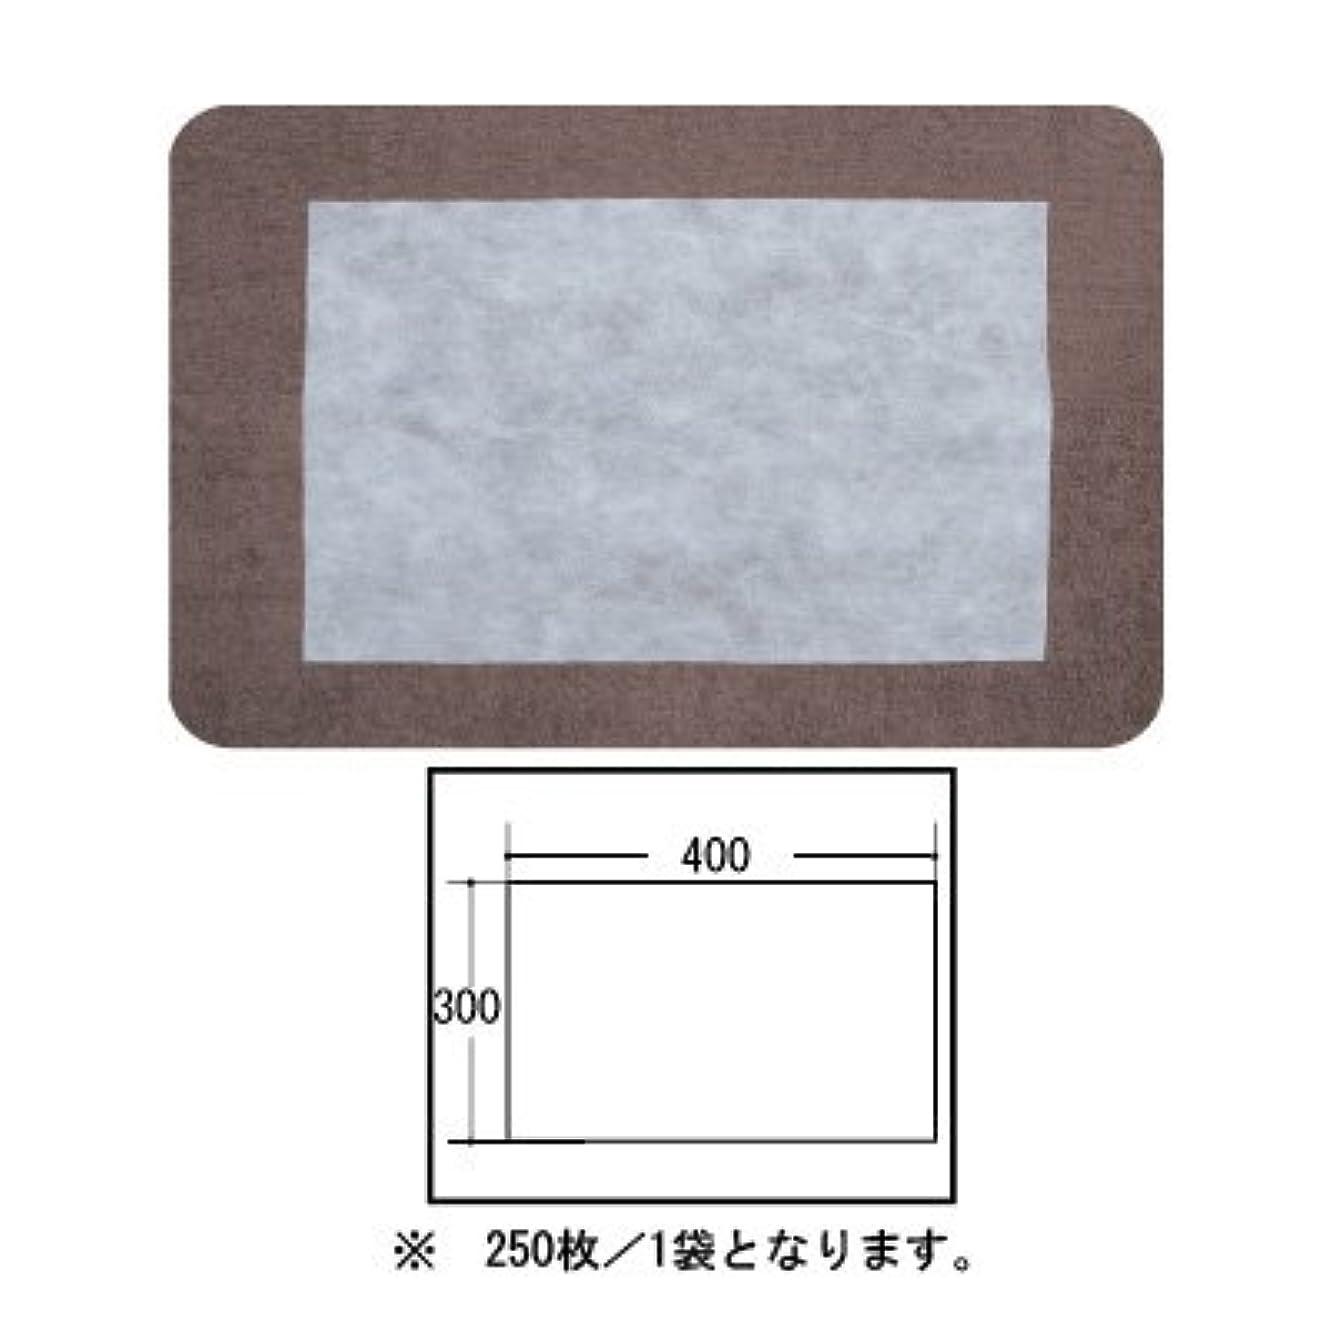 耐えられない検索エンジンマーケティングメアリアンジョーンズ(ロータス)LOTUS 日本製 ピロカバー カット無し 250枚入 業務用 マルチな不織布カバー